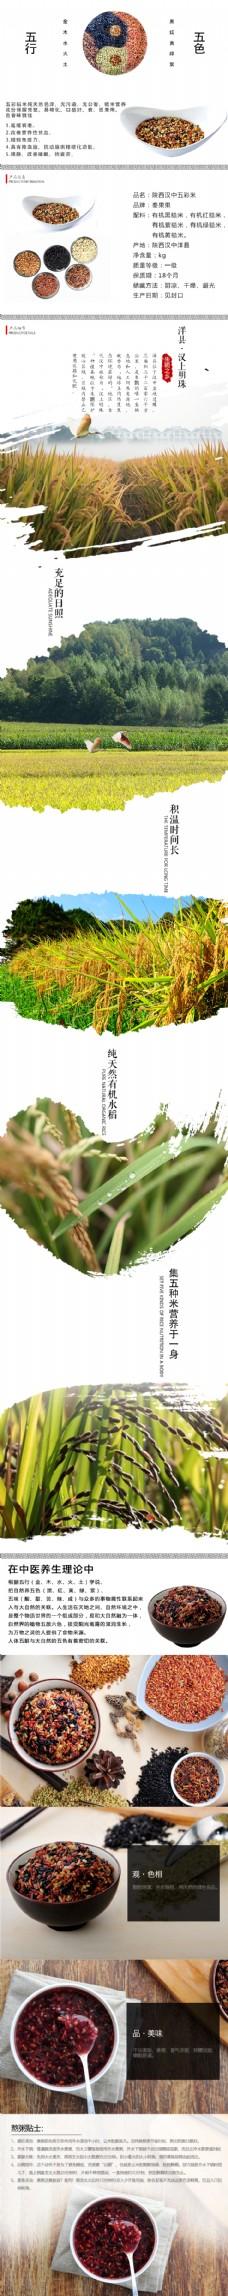 五彩米淘宝详情设计